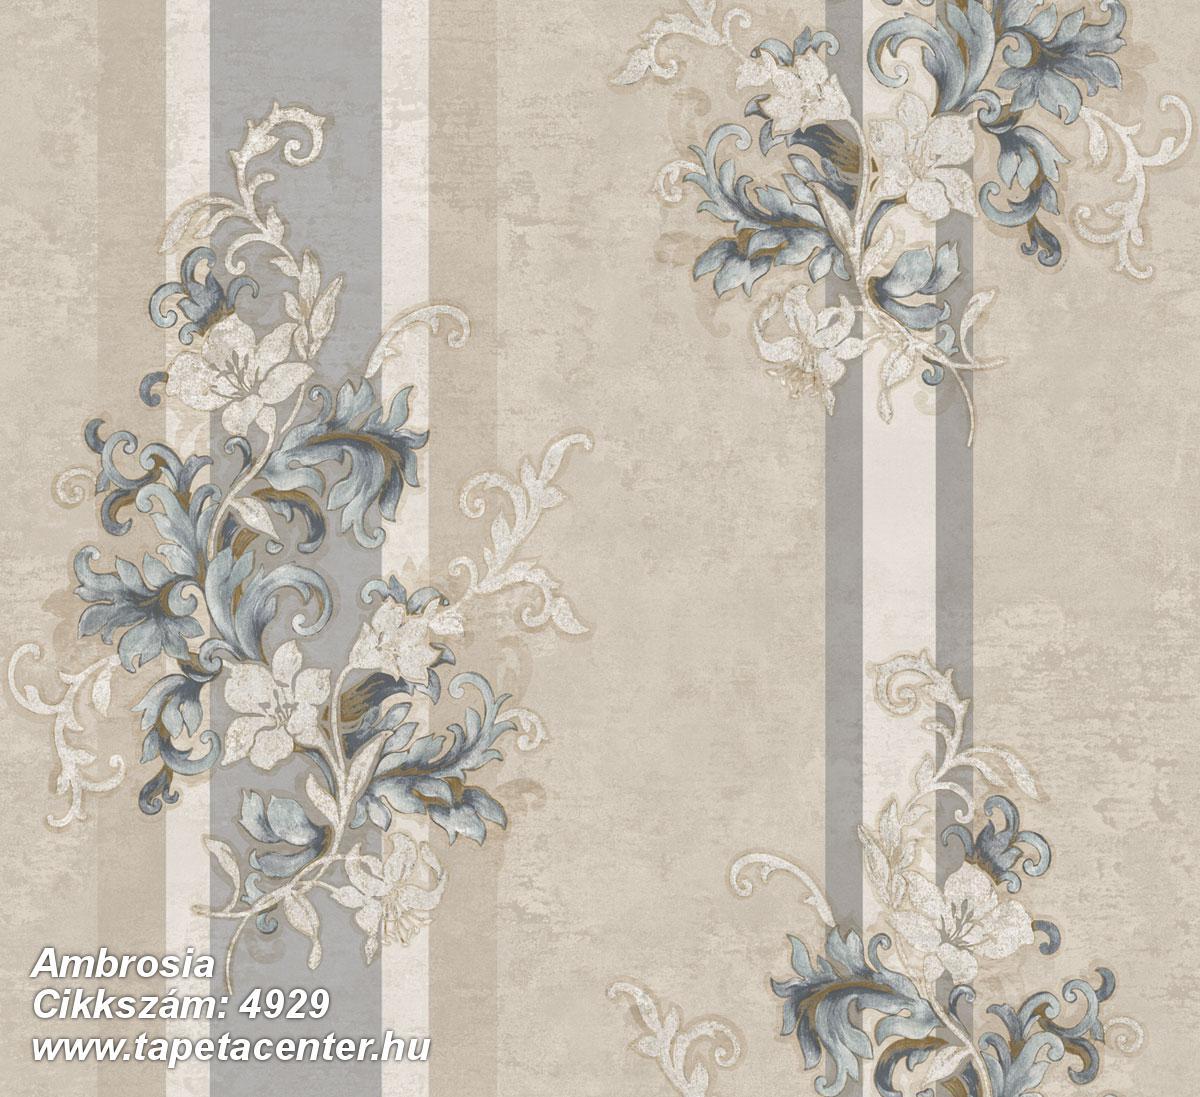 Barokk-klasszikus,csíkos,természeti mintás,virágmintás,bézs-drapp,fehér,kék,szürke,súrolható,vlies tapéta